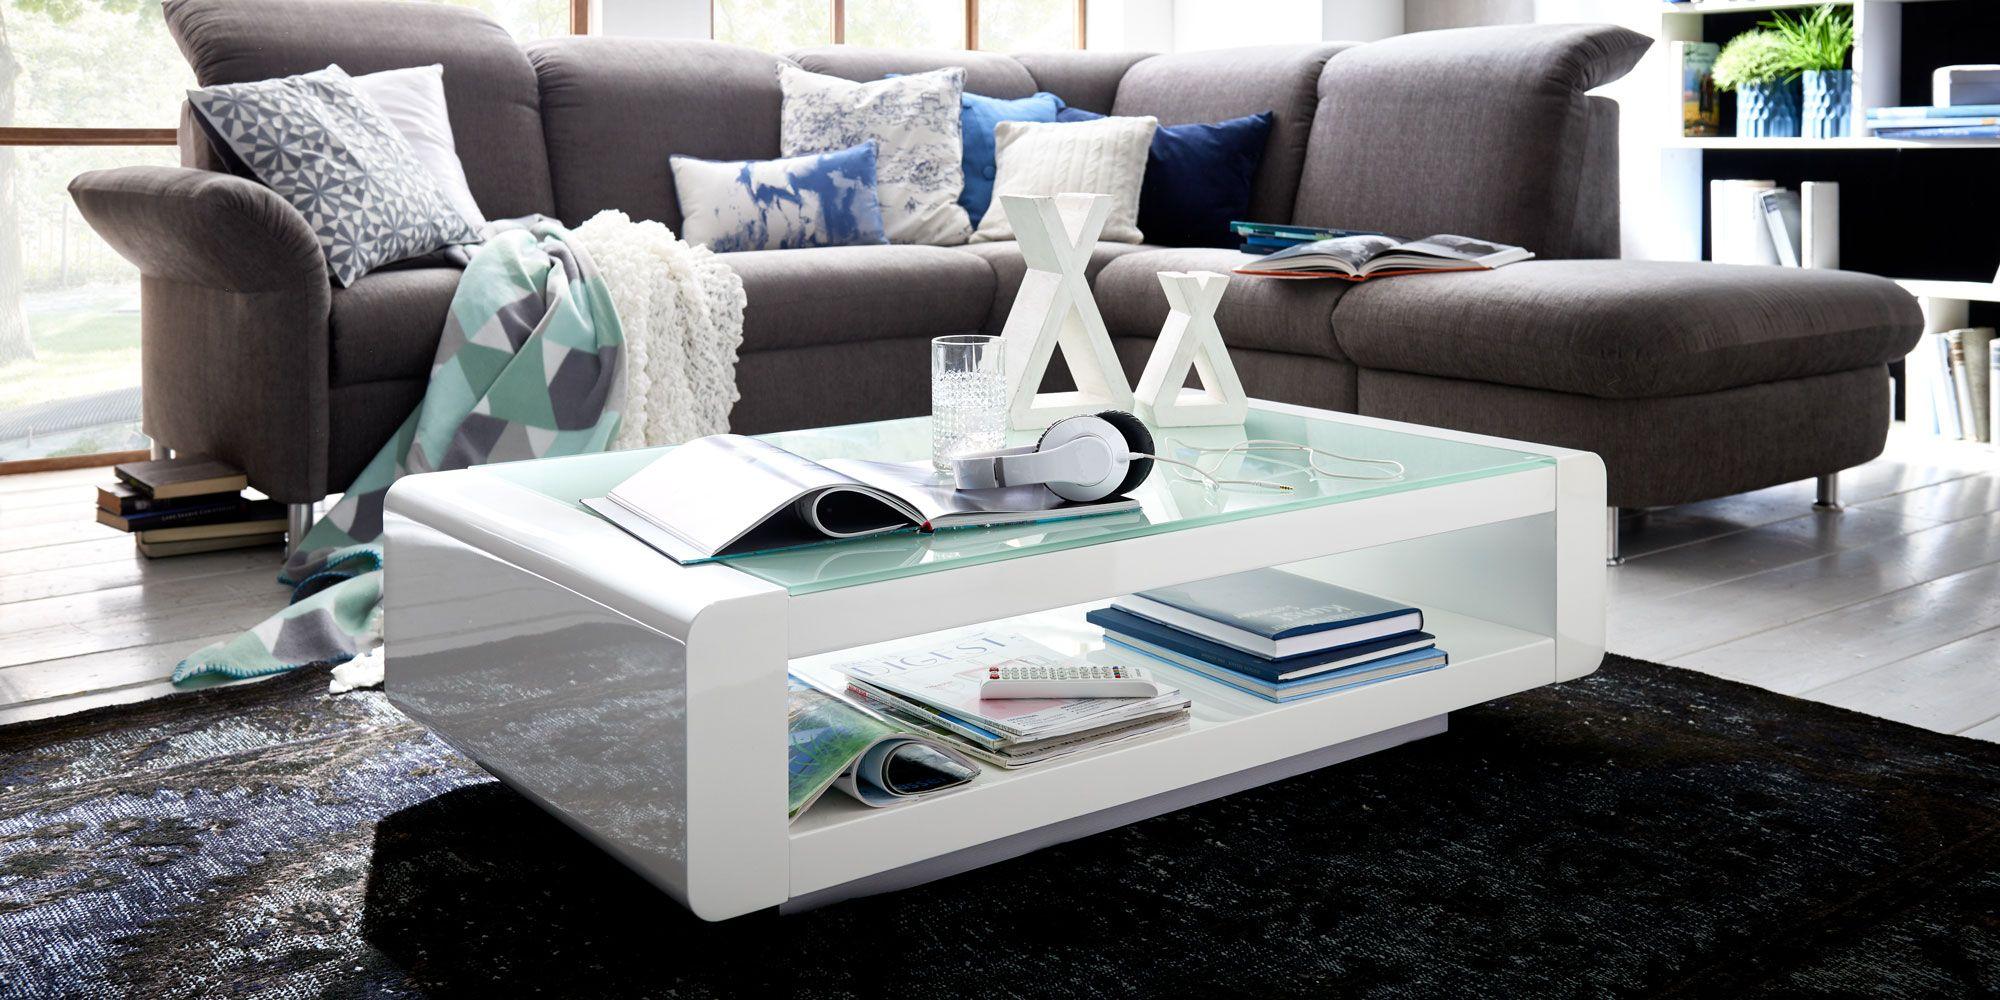 Couchtisch Soleil Weiss Hochglanzlack Weissglas Sicherheitsglas Klare Form Mit Abgerundeten Kanten Ablagemoglichke Glastisch Wohnzimmer Couchtisch Ikea Glastisch